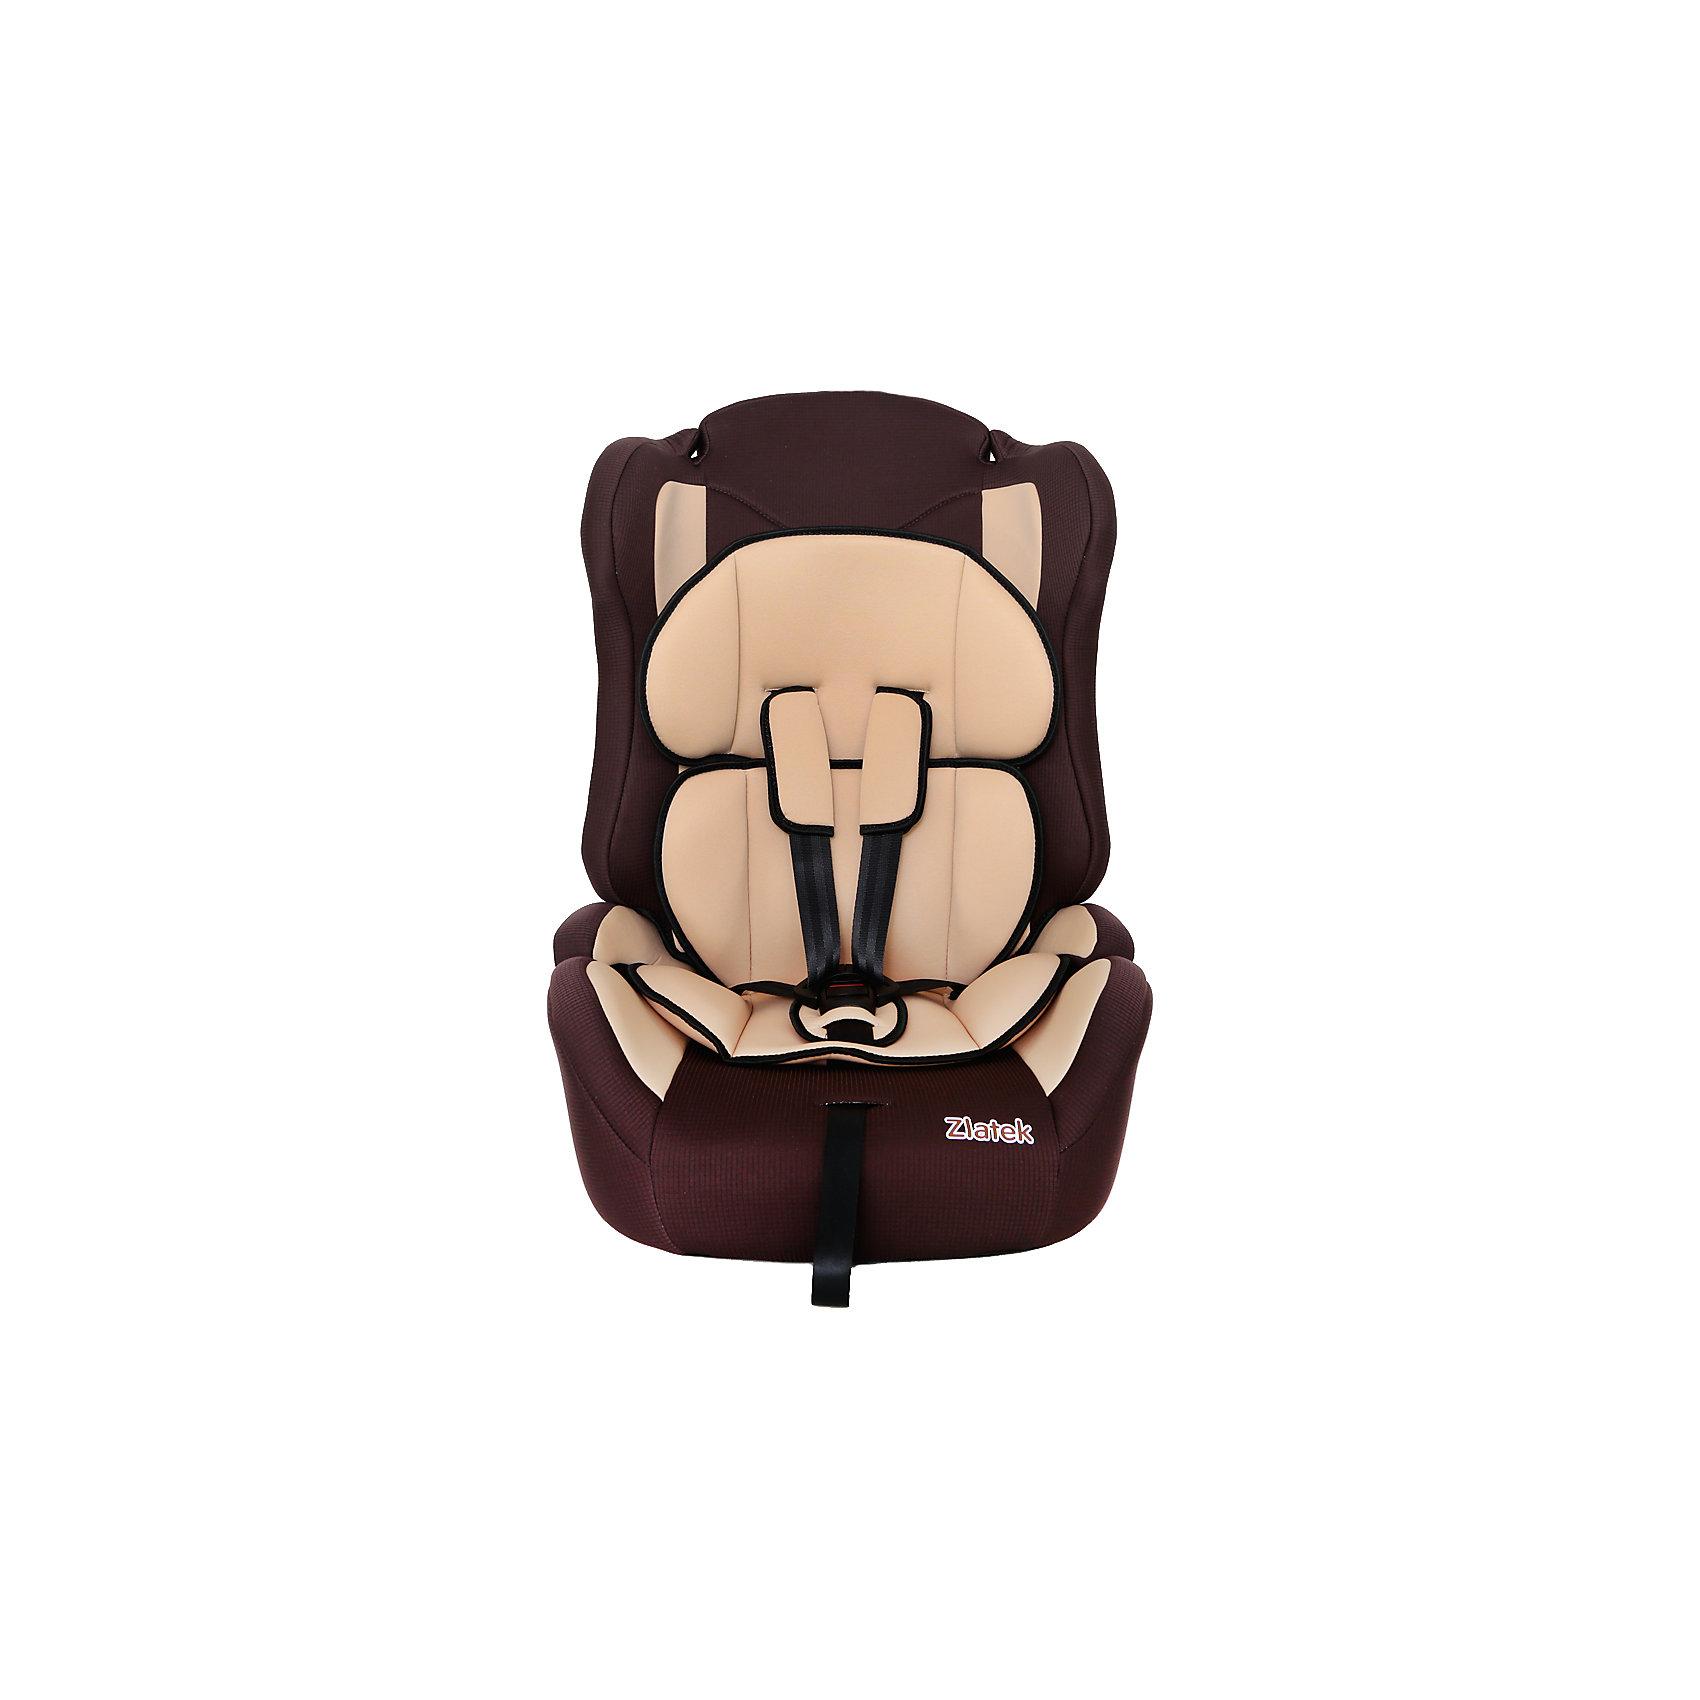 Автокресло Zlatek Atlantic Lux,9-36 кг, коричневыйГруппа 1-2-3 (От 9 до 36 кг)<br>Детское автомобильное кресло «ZLATEK Atlantic LUX» предназначено для детей от 1 года до 12 лет весом от 9 до 36 кг. Отличительным свойством автокресла является его универсальность: по мере роста ребенка, кресло легко трансформируется в бустер. Кресло имеет мягкий съемный анатомический вкладыш и съемный чехол, изготовленный из гипоаллергенного материала. Для малышей от 1 года до 4 лет автокресло оборудовано внутренними пятиточечными ремнями, которые регулируются по высоте в зависимости от роста ребенка и по глубине, что очень удобно в зимнее время, когда ребенок одет в объемные зимние вещи. <br>Автокресло закрепляется в автомобиле при помощи штатных ремней. <br><br>Преимущества модели в области удобства:<br>мягкий анатомический вкладыш и накладки внутренних ремней обеспечивают максимальный комфорт ребенка;<br>укрепленная анатомическая спинка для удобства ребенка;<br>регулировка внутренних ремней по высоте в зависимости от роста ребенка;<br>двухпозиционная регулировка центральной лямки позволяет адаптировать внутренние ремни под зимнюю и летнюю одежду ребенка (для кресел, изготовленных литьевым способом);<br>износостойкий чехол легко снимается для стирки.<br>особая форма спинки надежно защищает от боковых ударов;<br>надежная система внутренних пятиточечных ремней с использованием специально разработанных ременных лент российского производства;<br>замок ремней с мягим клапаном и защитой от неправильного использования;<br>нетоксичный гипоаллергенный материал безопасен для малыша;<br>фиксатор для корректировки прохождения штатного ремня безопасности по плечу ребенка в возрасте от 6-ти лет.<br>Общие характеристики:<br>Группа применения: 1/2/3.<br>Возраст ребенка: 1-12 лет.<br>Вес ребенка: 9-36 кг.<br>Габариты кресла, ширина/ глубина/ высота, см: 41/47/68.<br>Габариты посадочного места, ширина/ глубина, см: 34/35.<br>Вес кресла, кг: 5 кг.<br><br>Ширина мм: 470<br>Глубина мм: 410<br>Высота мм: